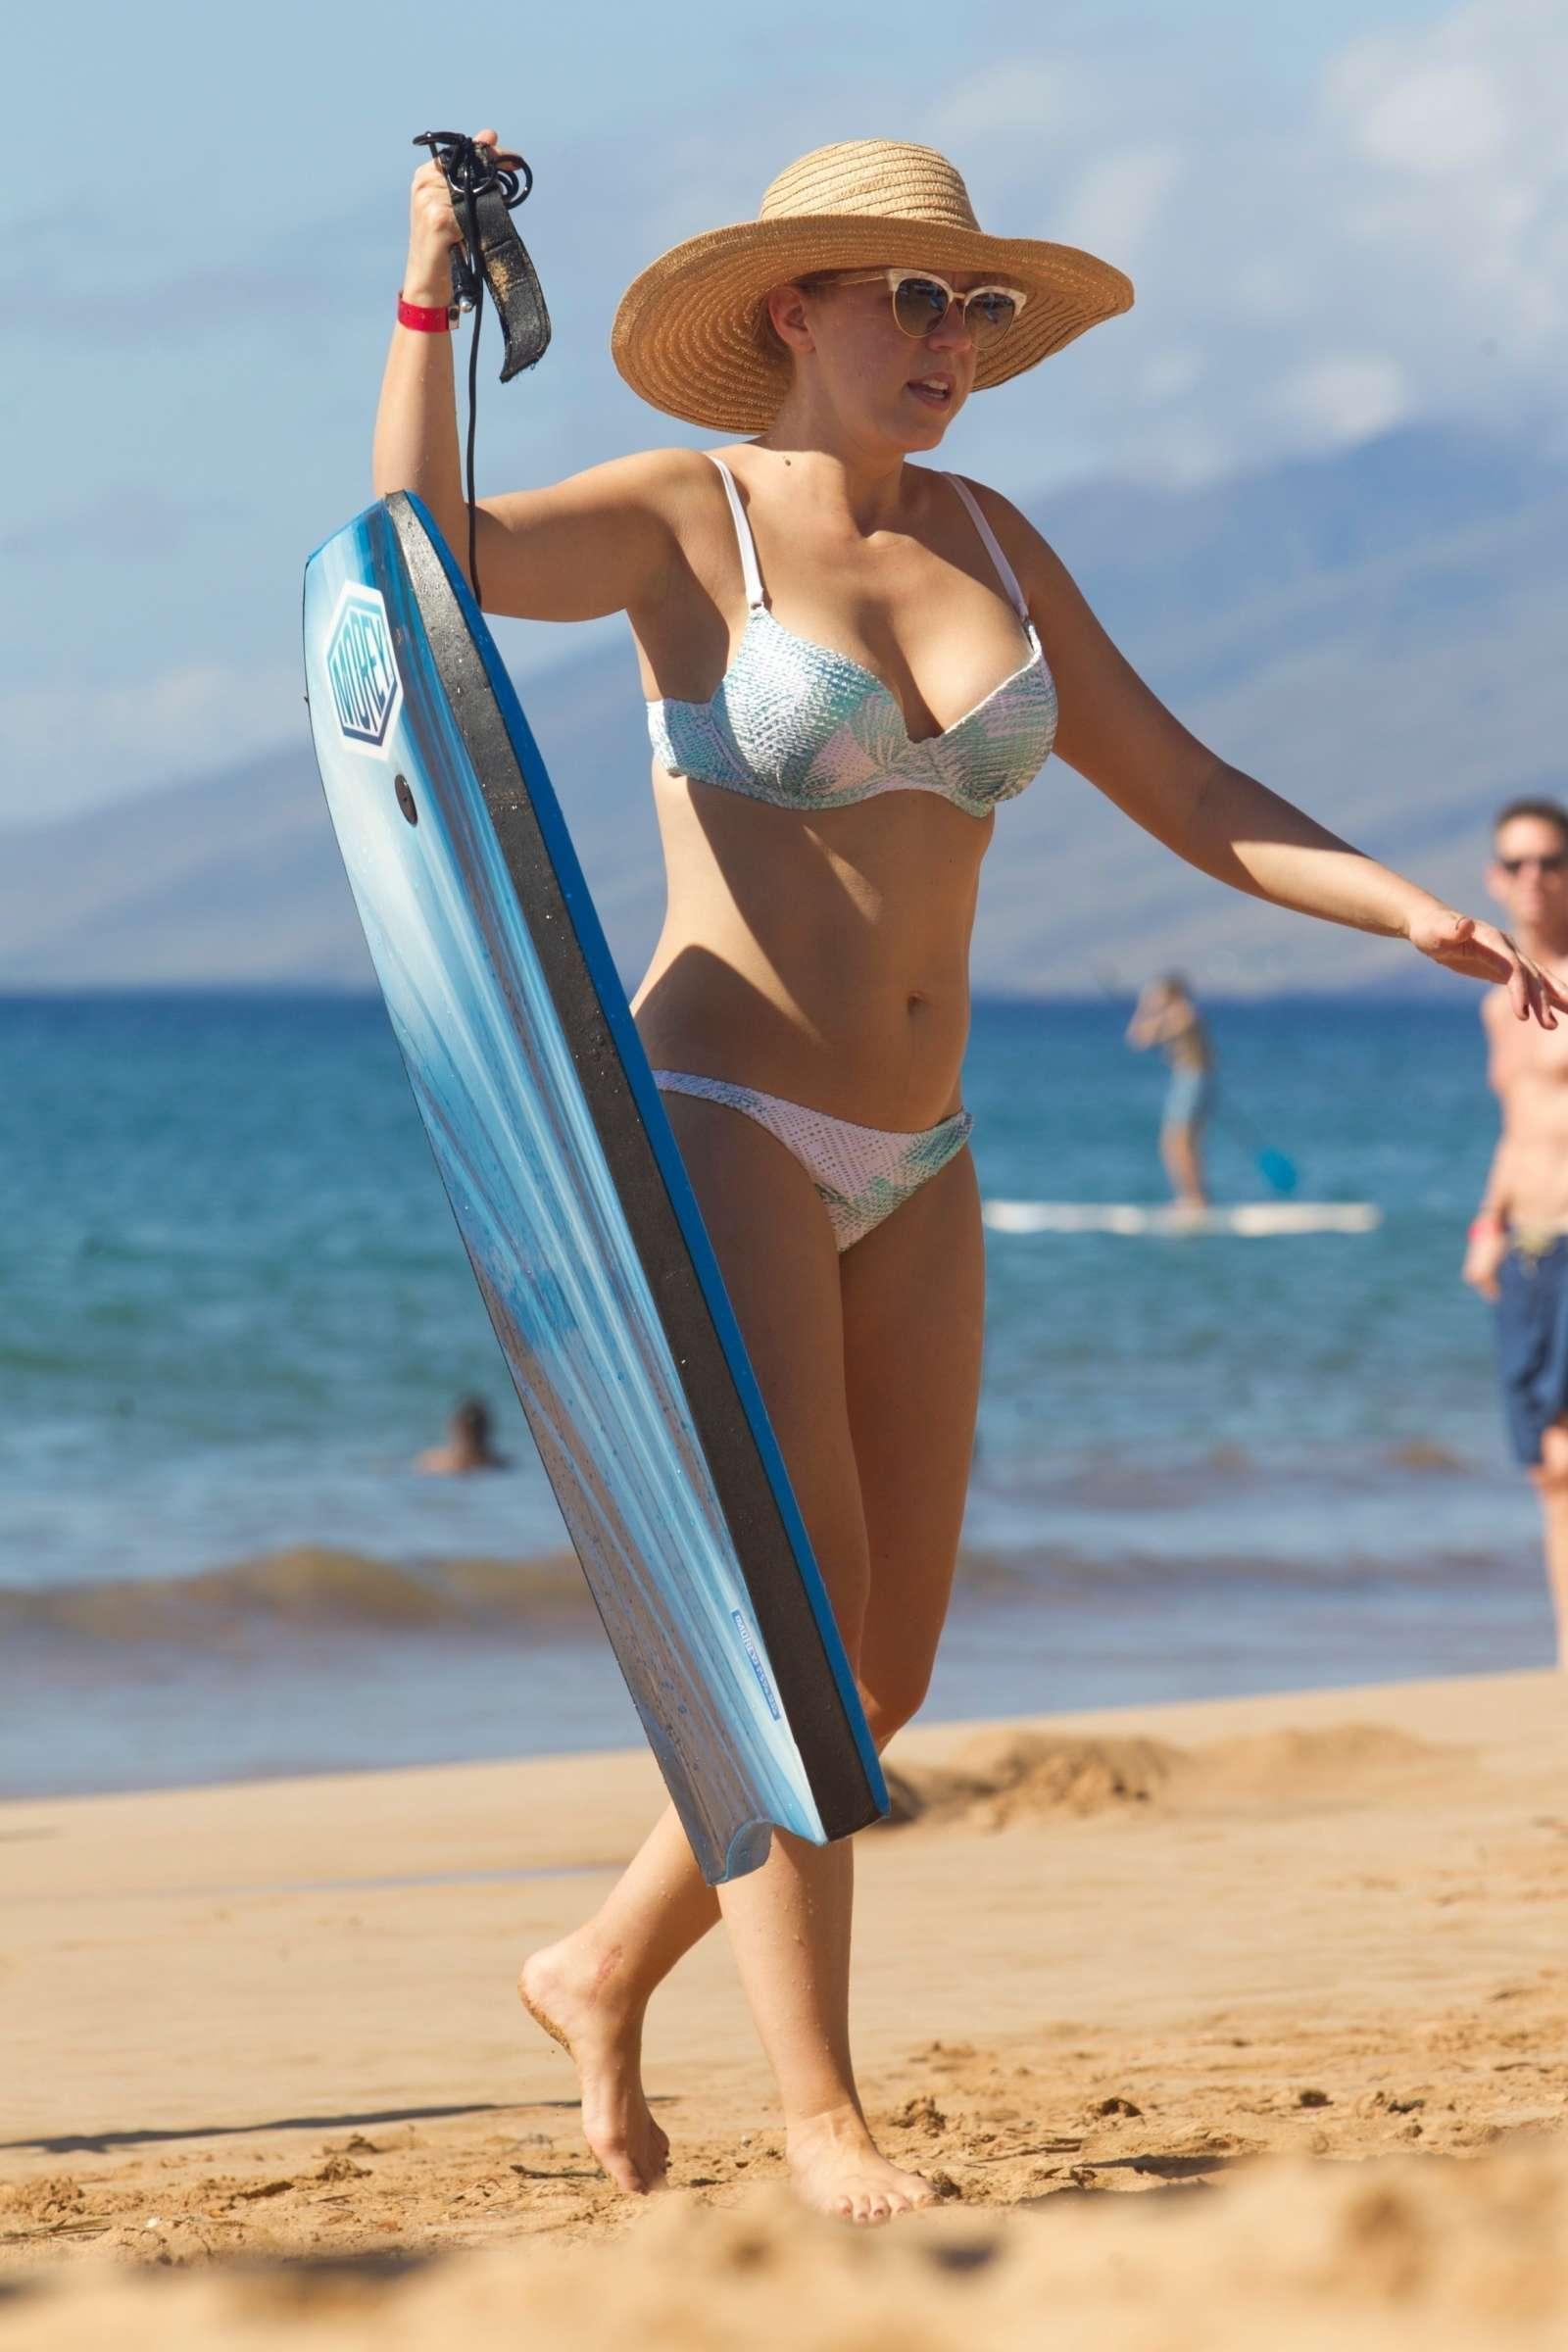 Jodie Sweetin 2017 : Jodie Sweetin in Bikini 2017 -24